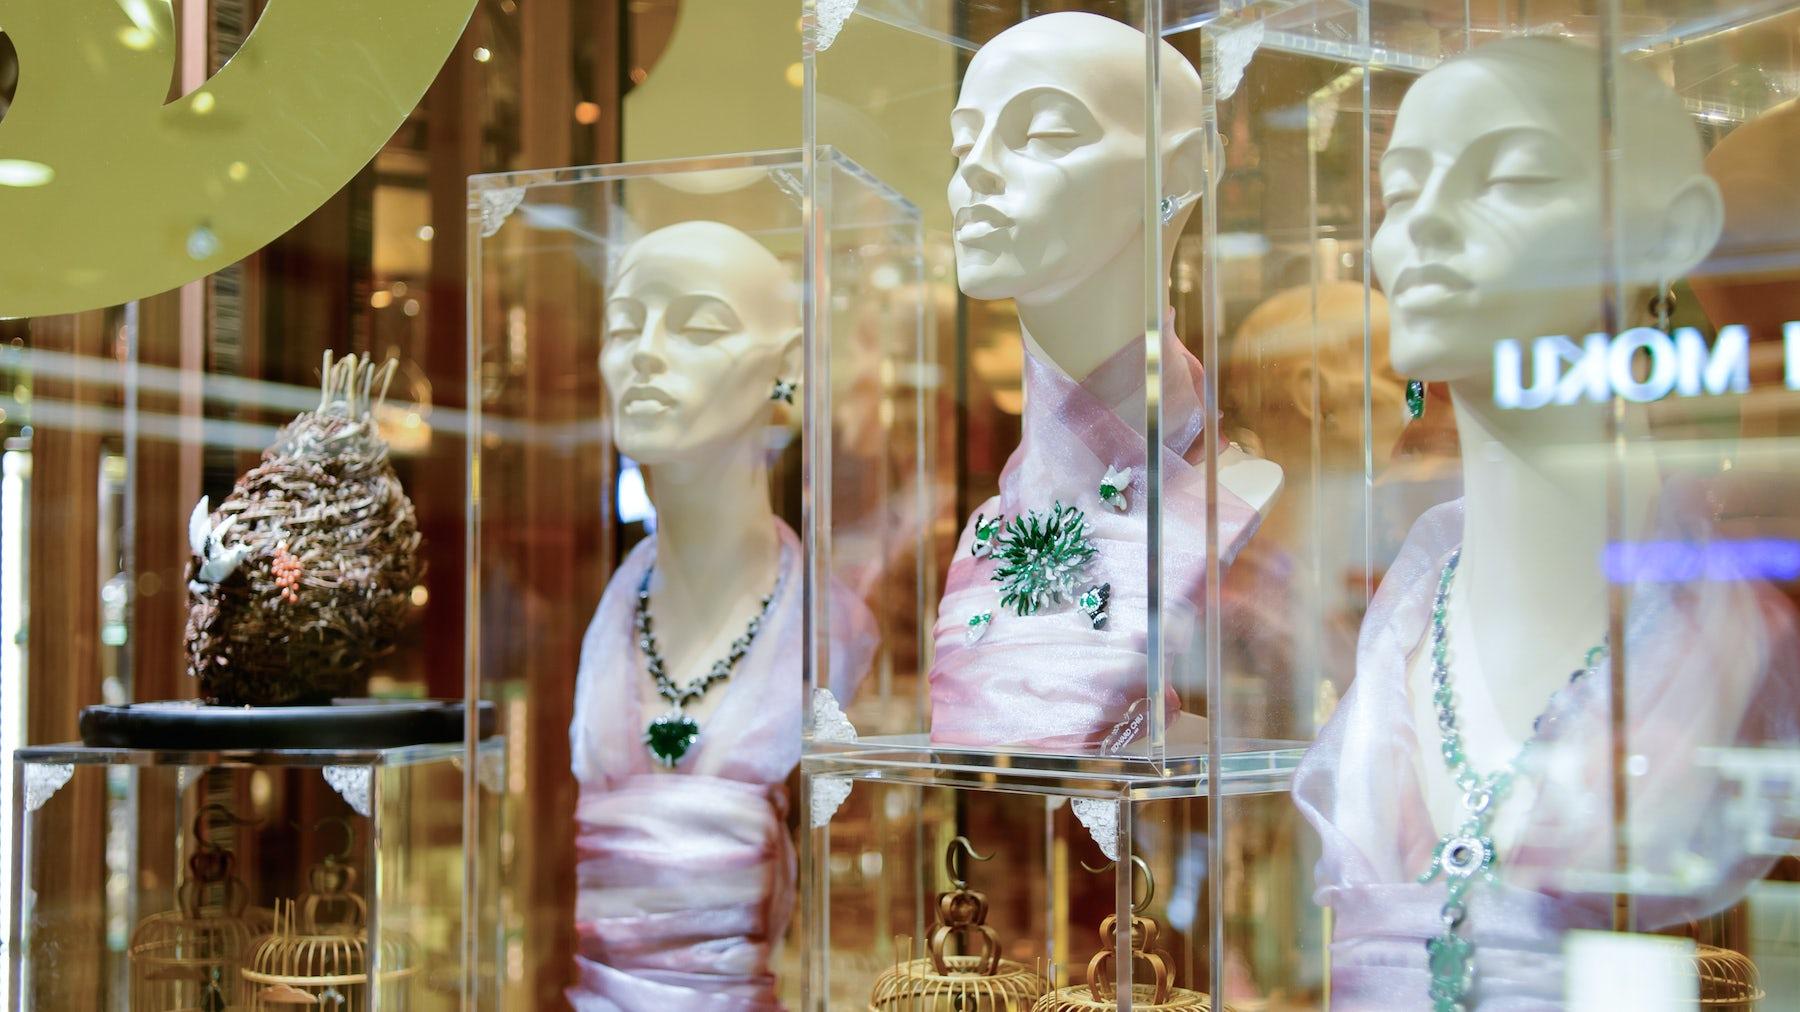 The China Edit | Digital Skills, Hong Kong Jewellers, Alibaba Falls